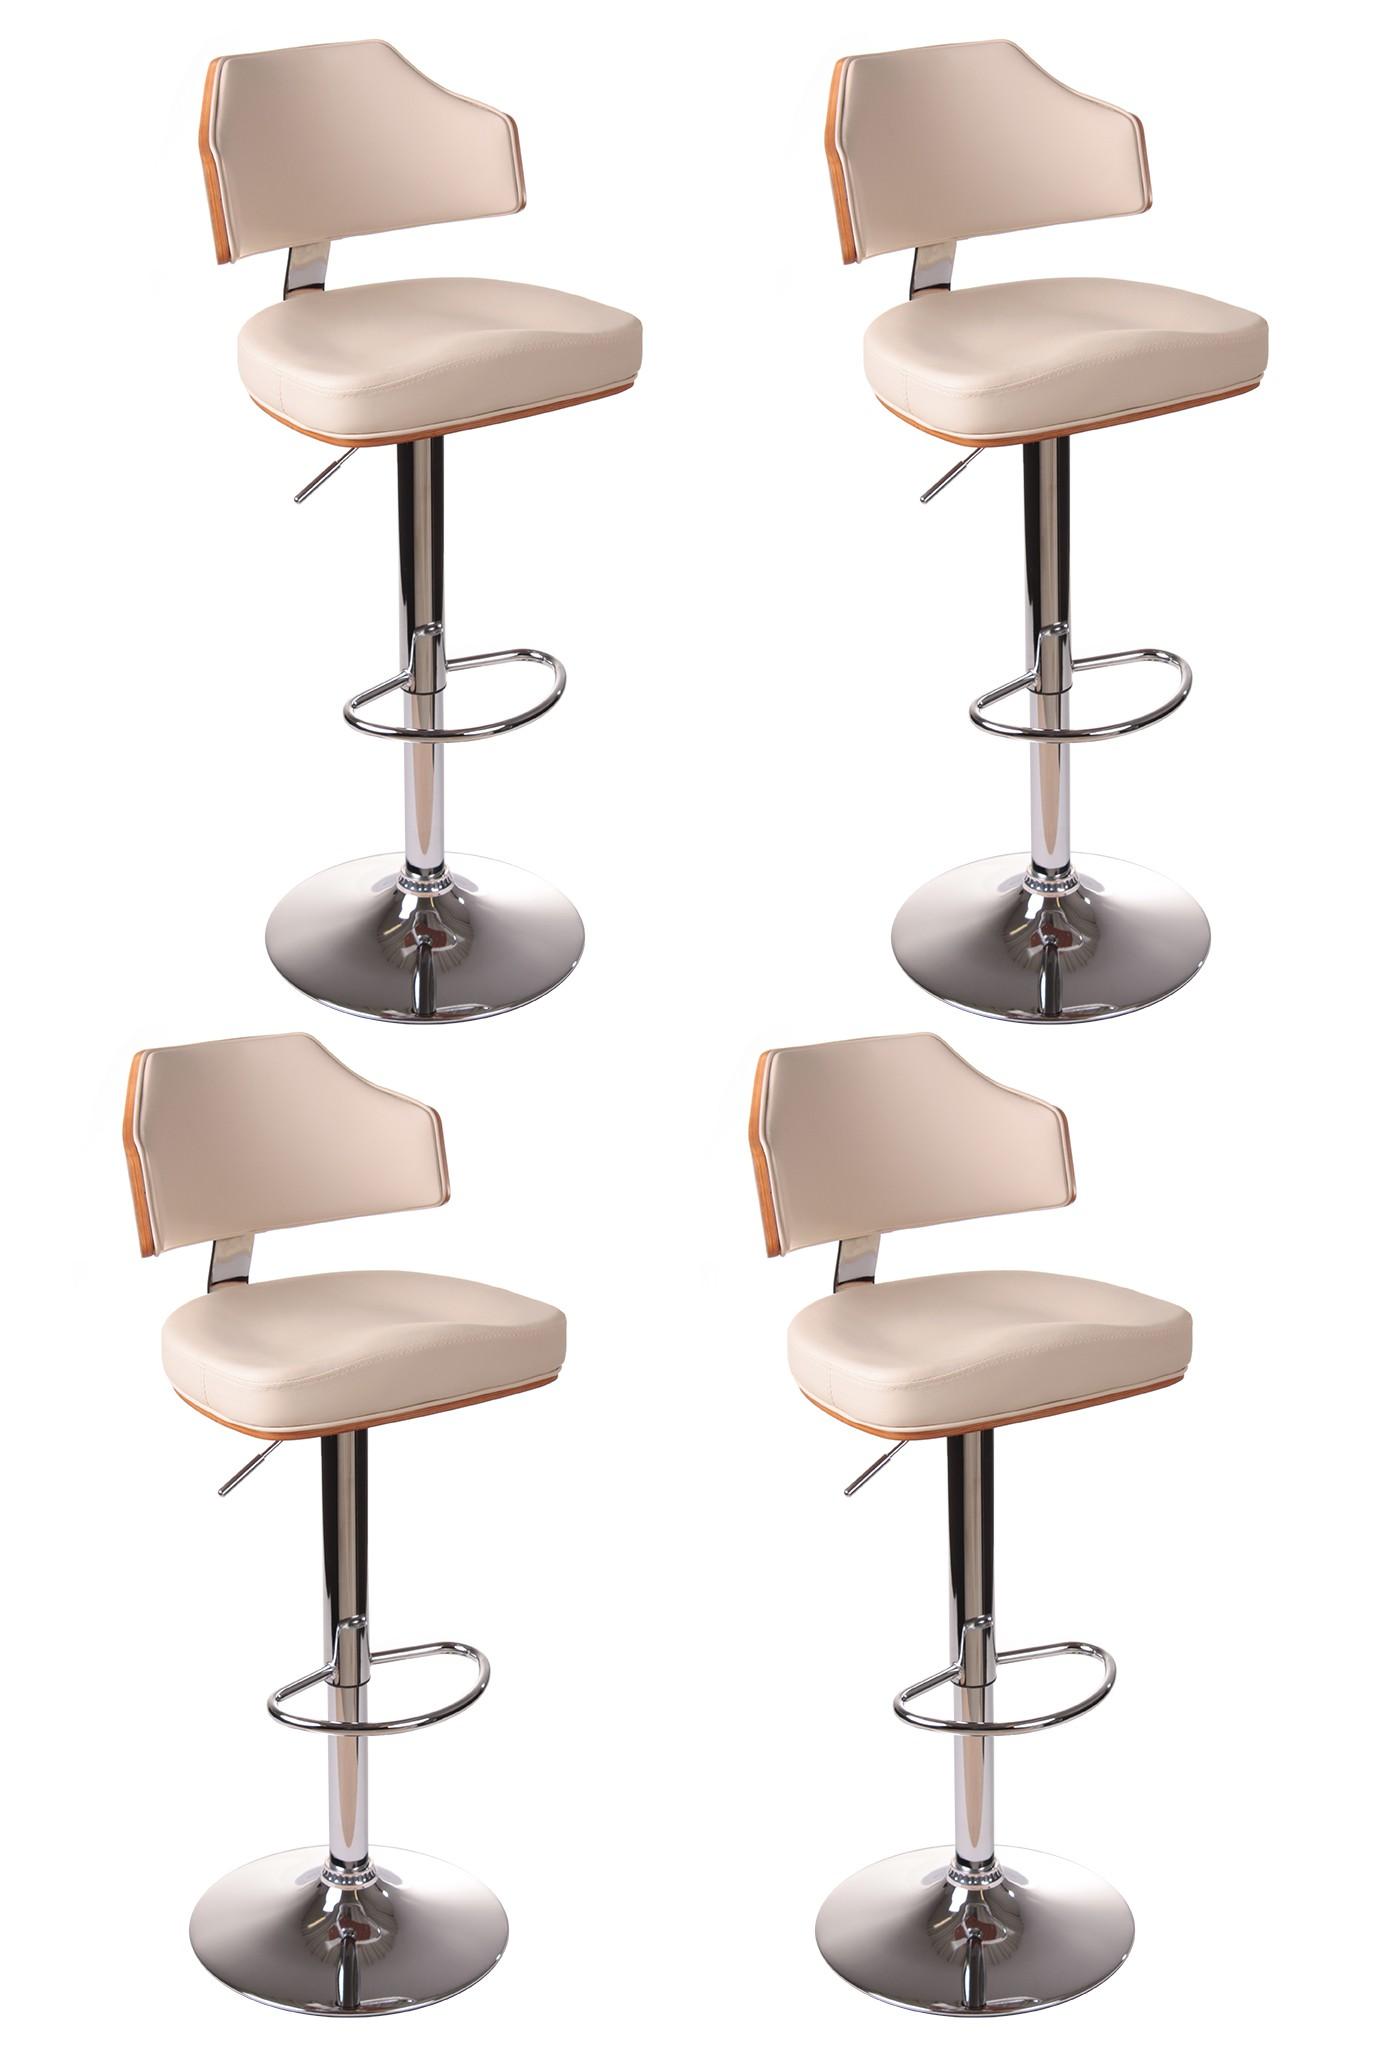 barhocker fm 2159 walnussholz beige 4er set haus und. Black Bedroom Furniture Sets. Home Design Ideas